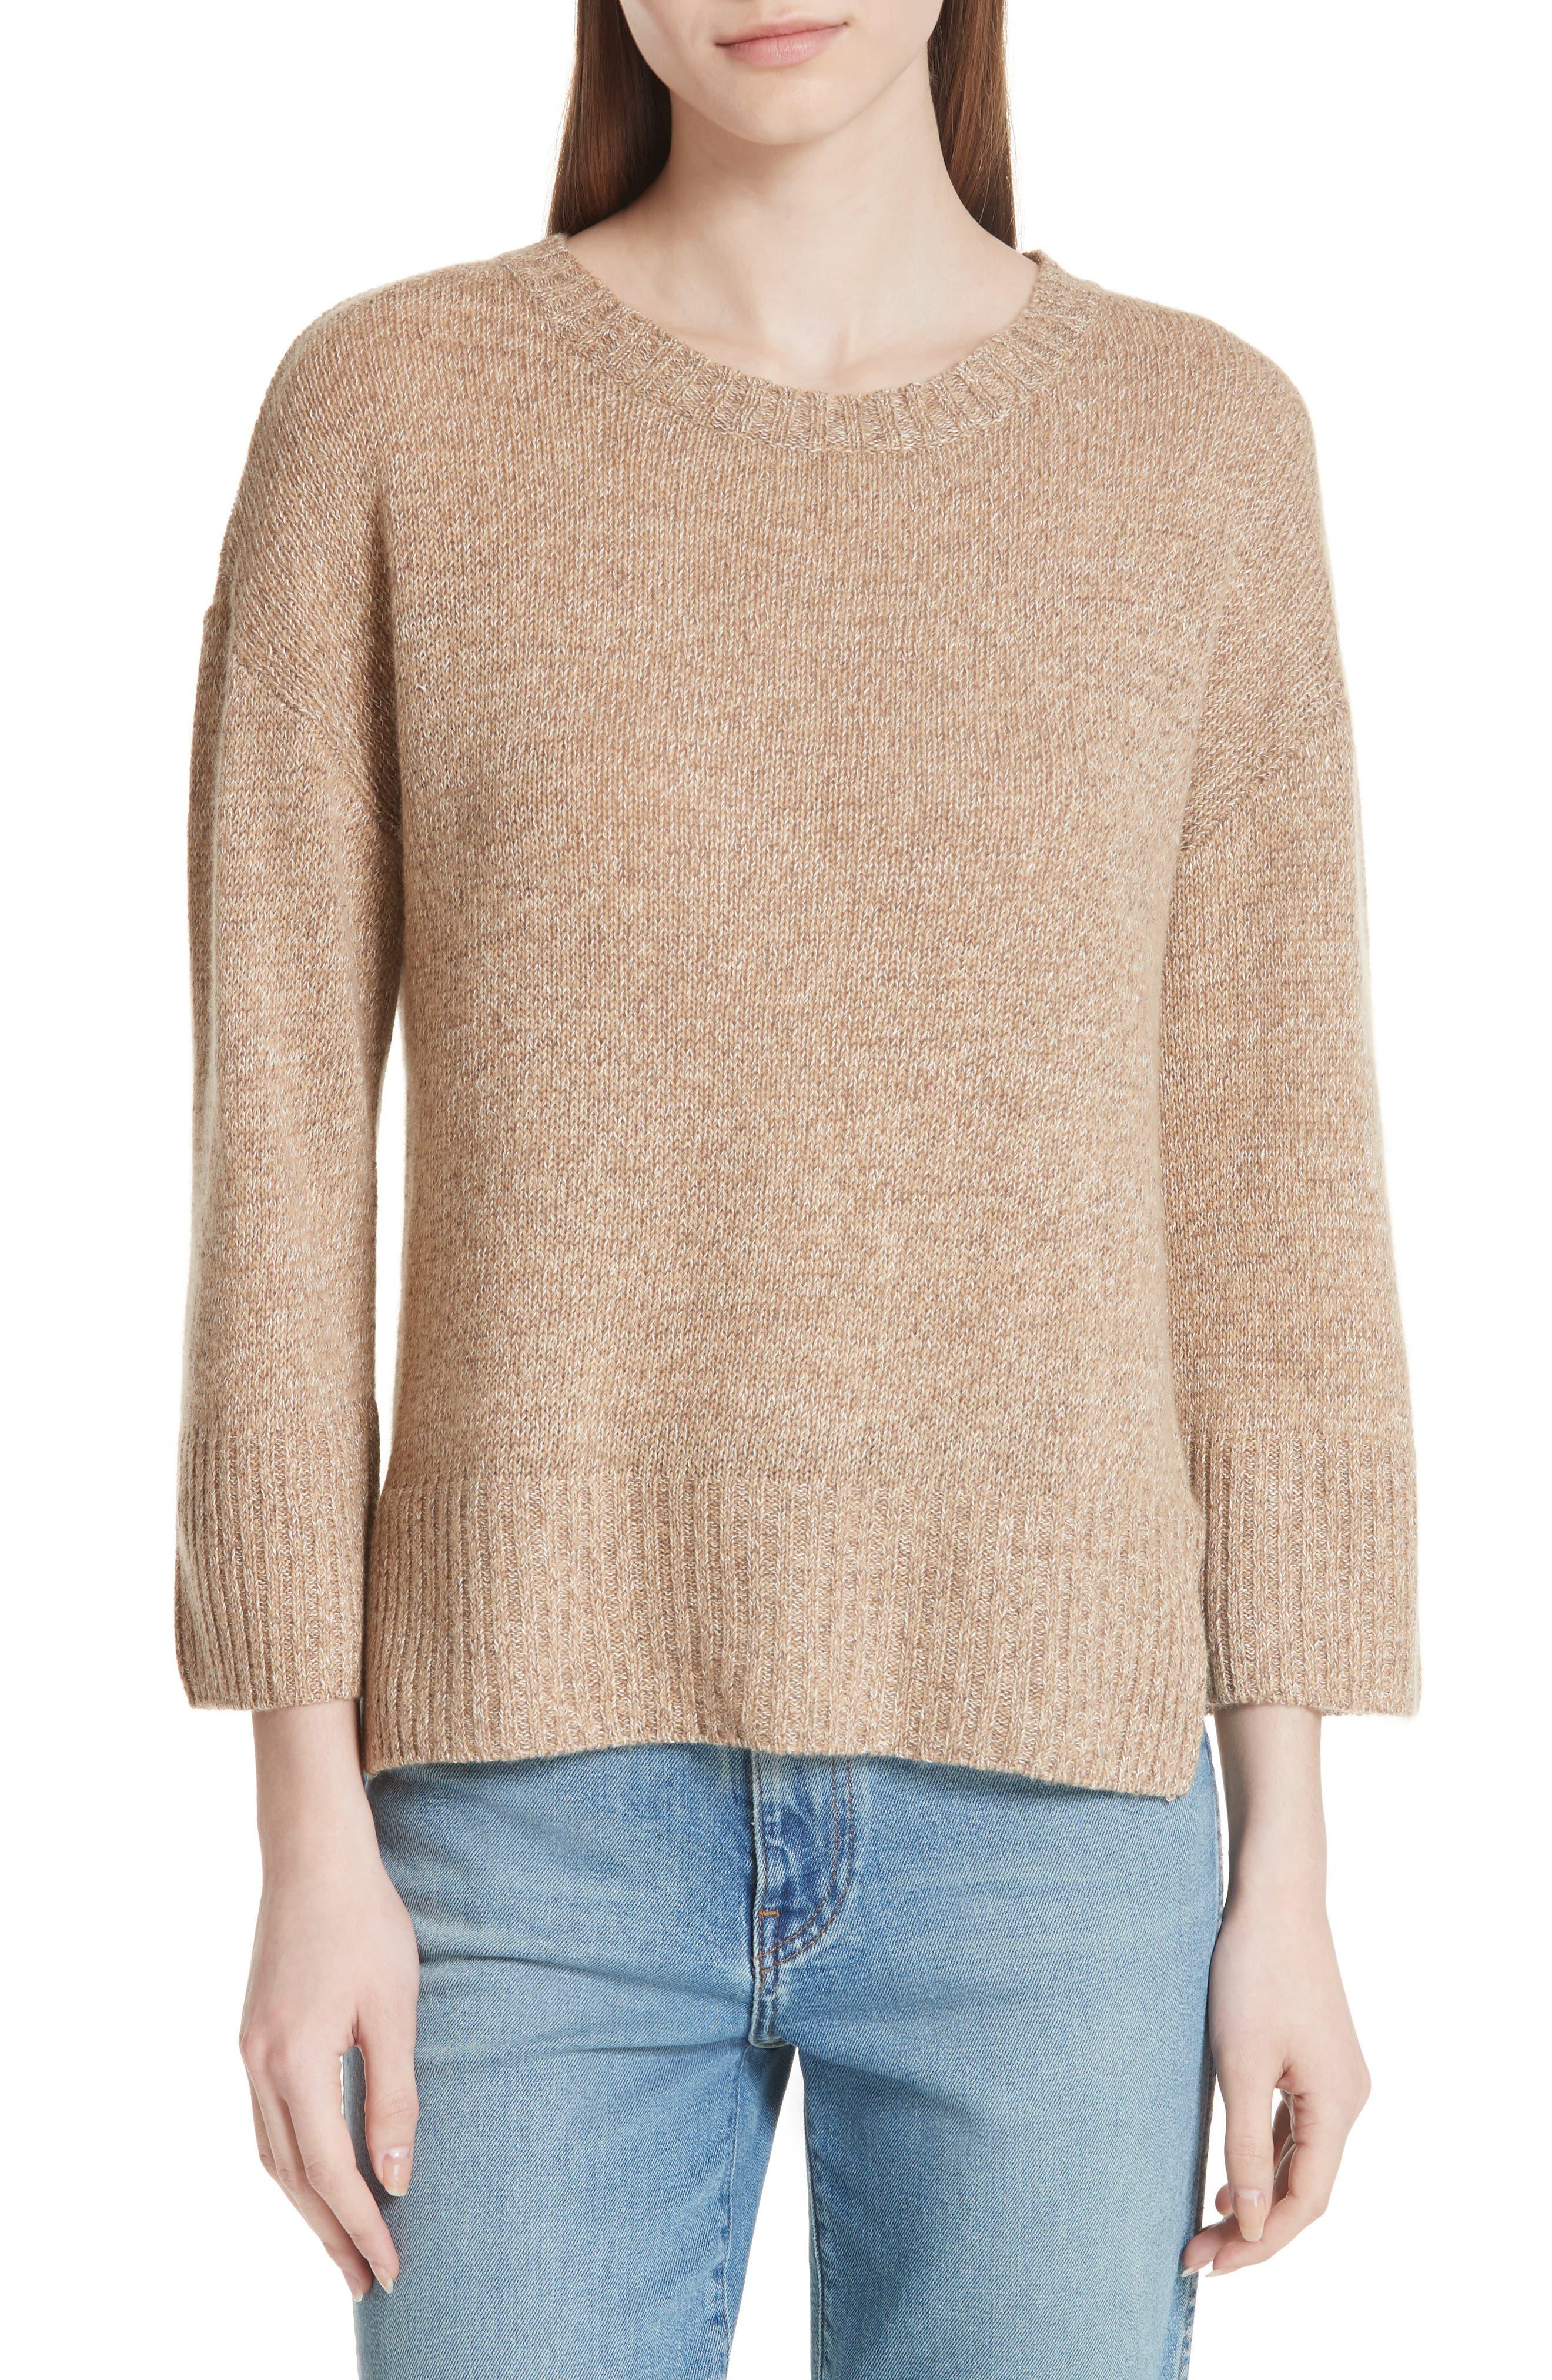 Derek Lam 10 Crosby Keyhole Back Sweater